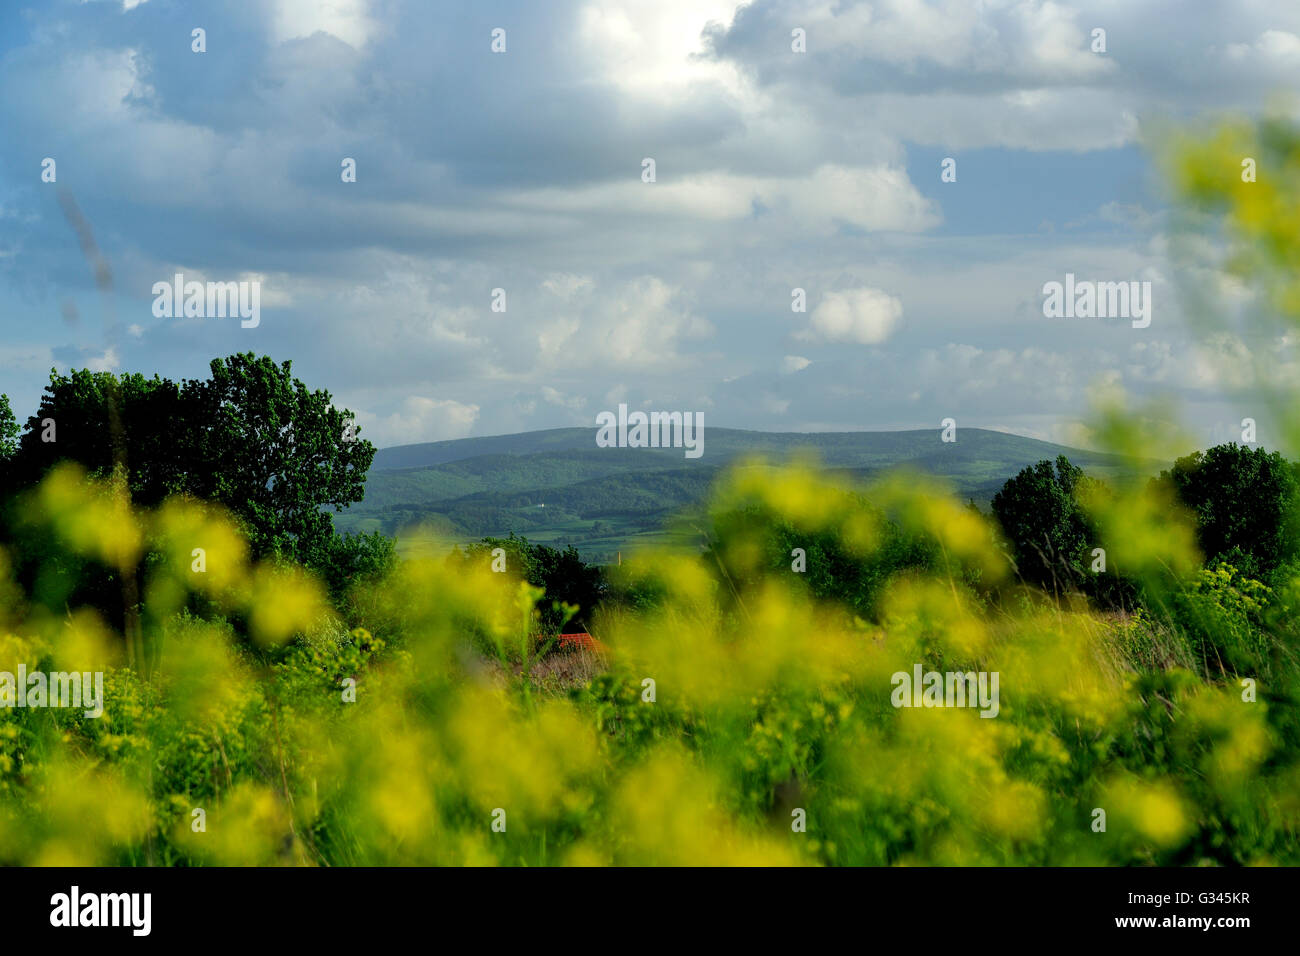 wlk.sowa, sudety, Hohe Eule, landscape, spring, weather, silesia, poland, travel, photo by kazimierz jurewicz - Stock Image